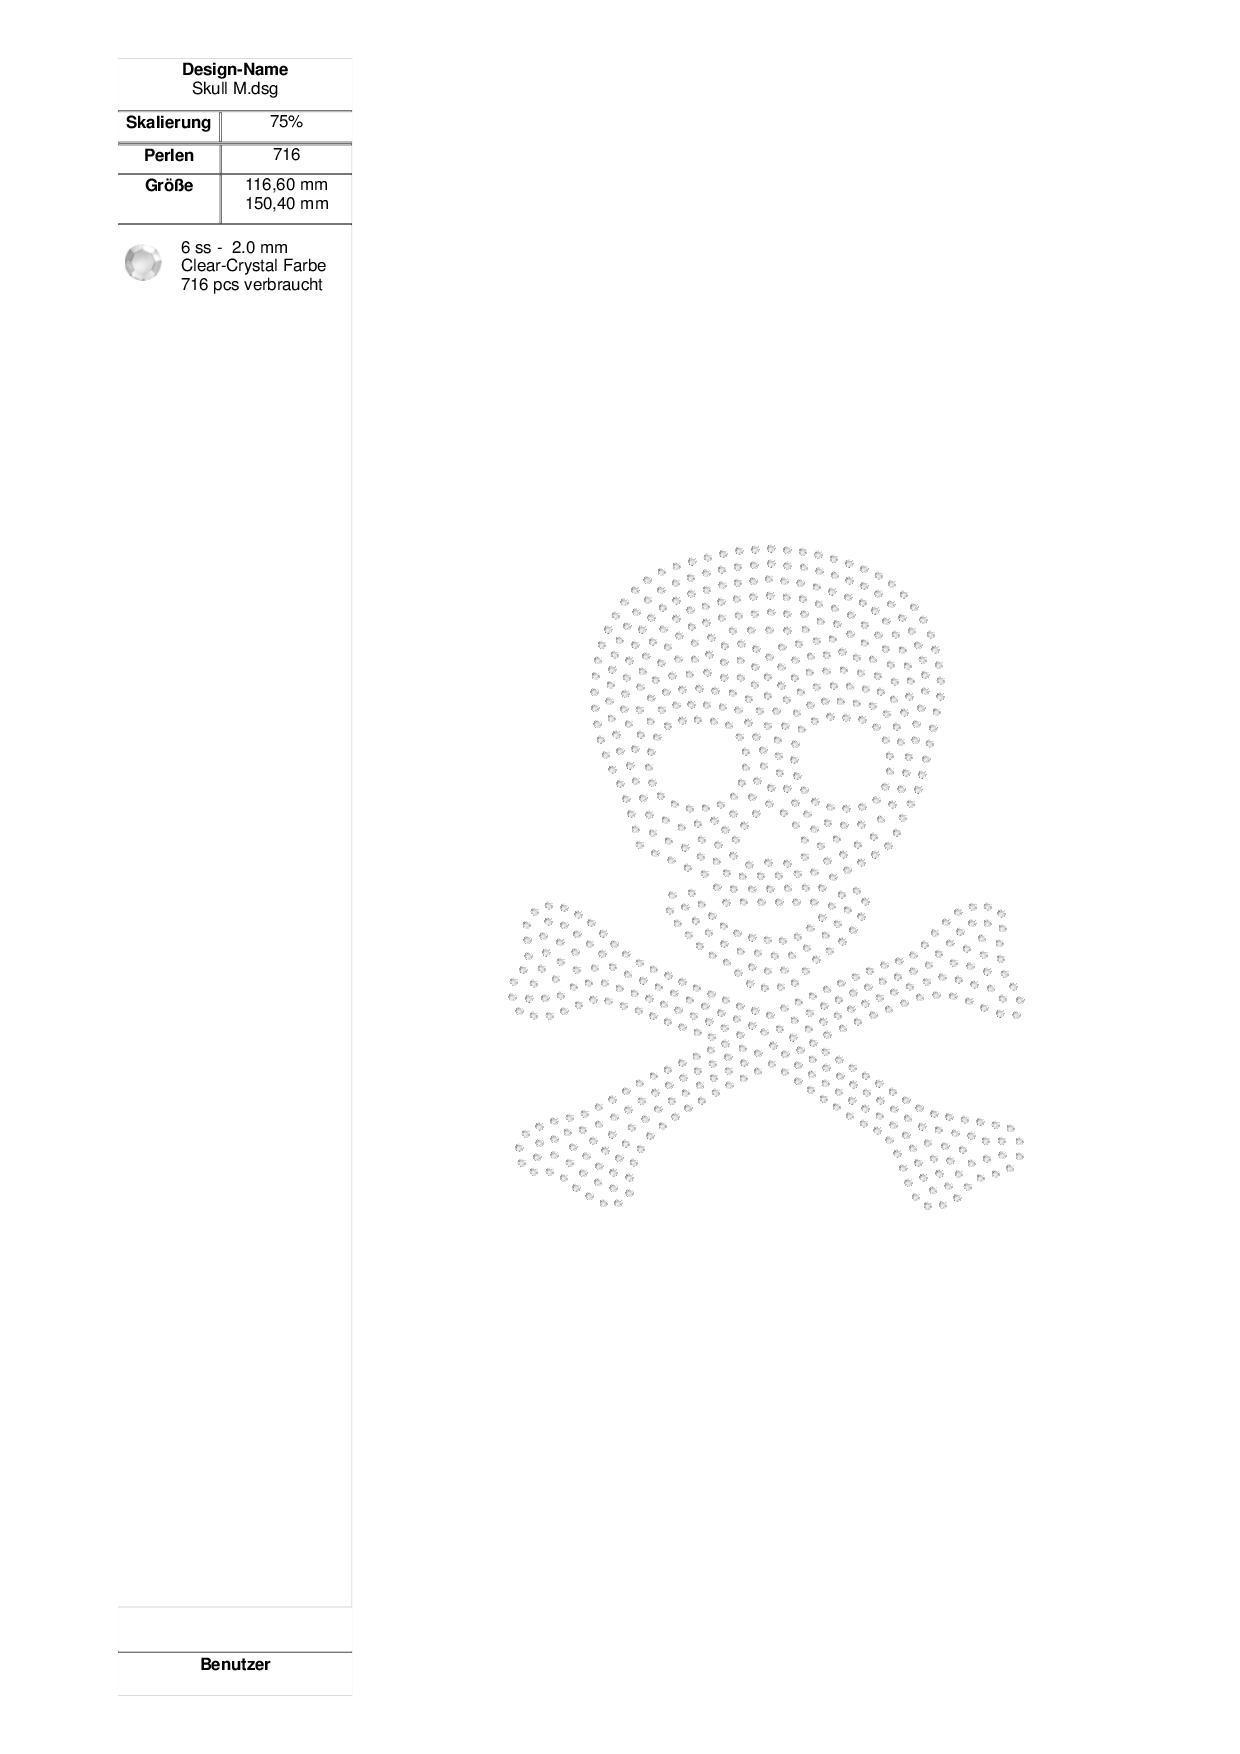 Skull Strass-Design - für Plotter und von Hand - Faden-Zauber